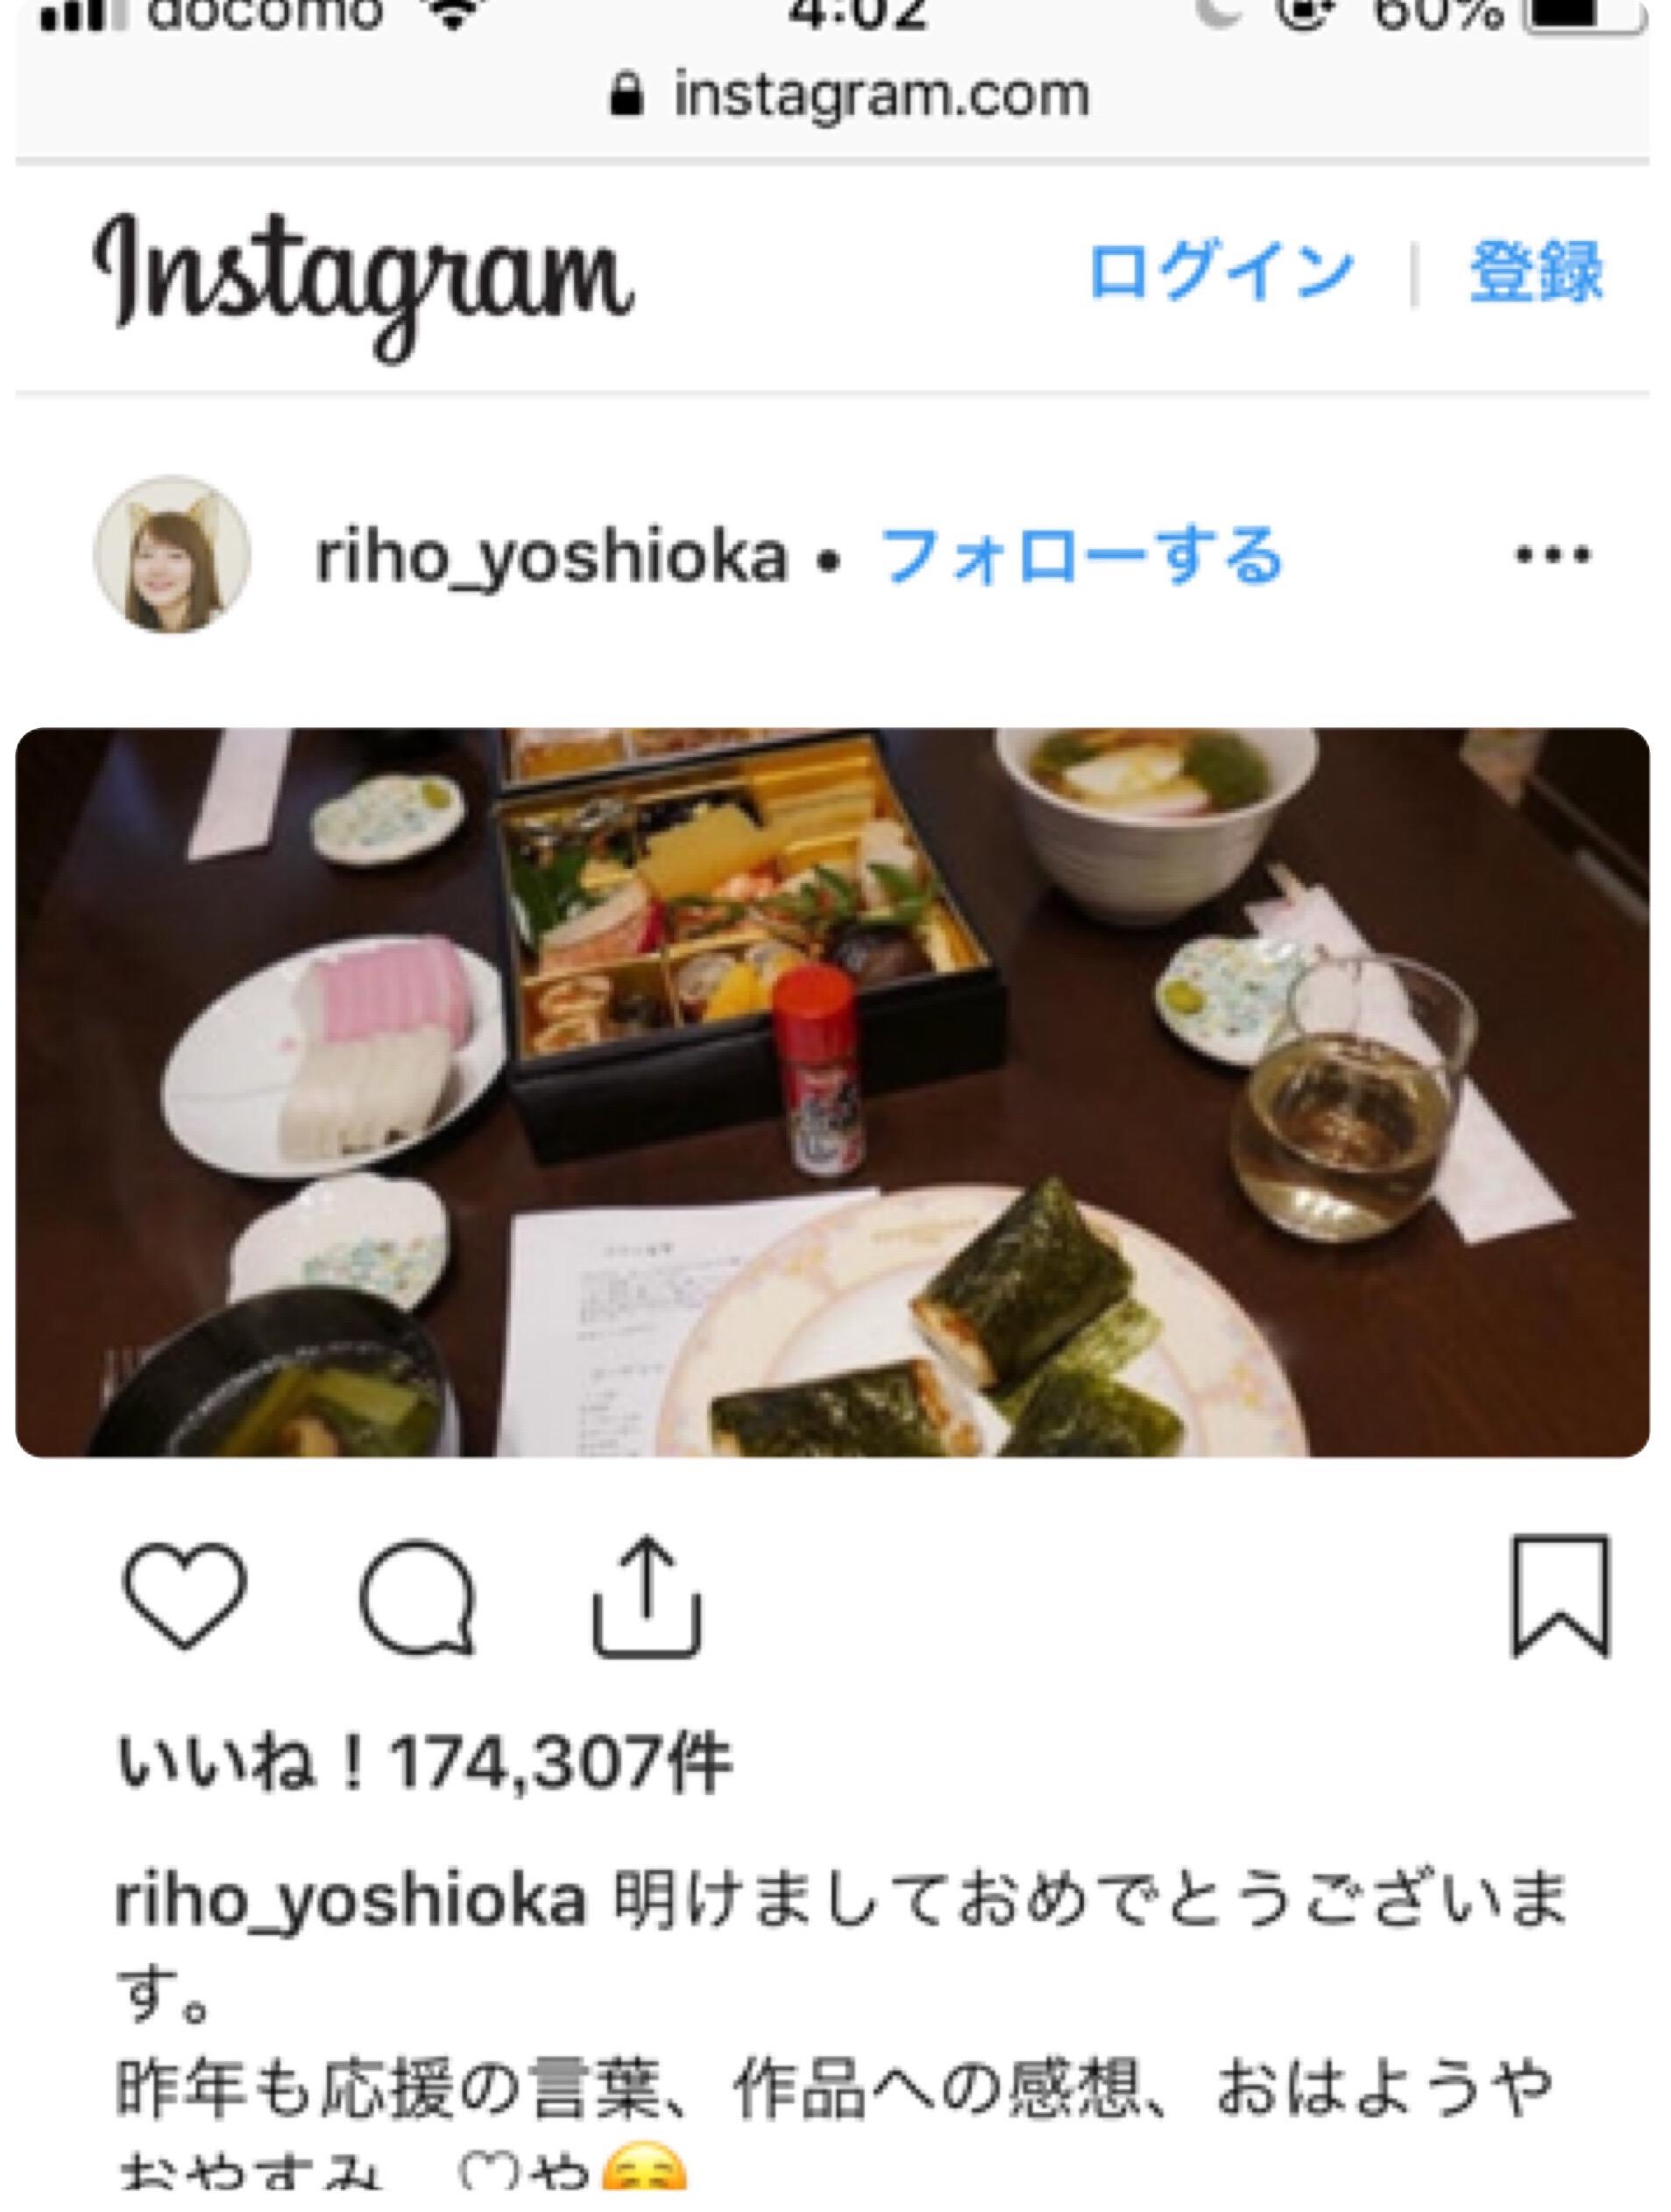 吉岡里帆さん家のおせち料理はこちらww